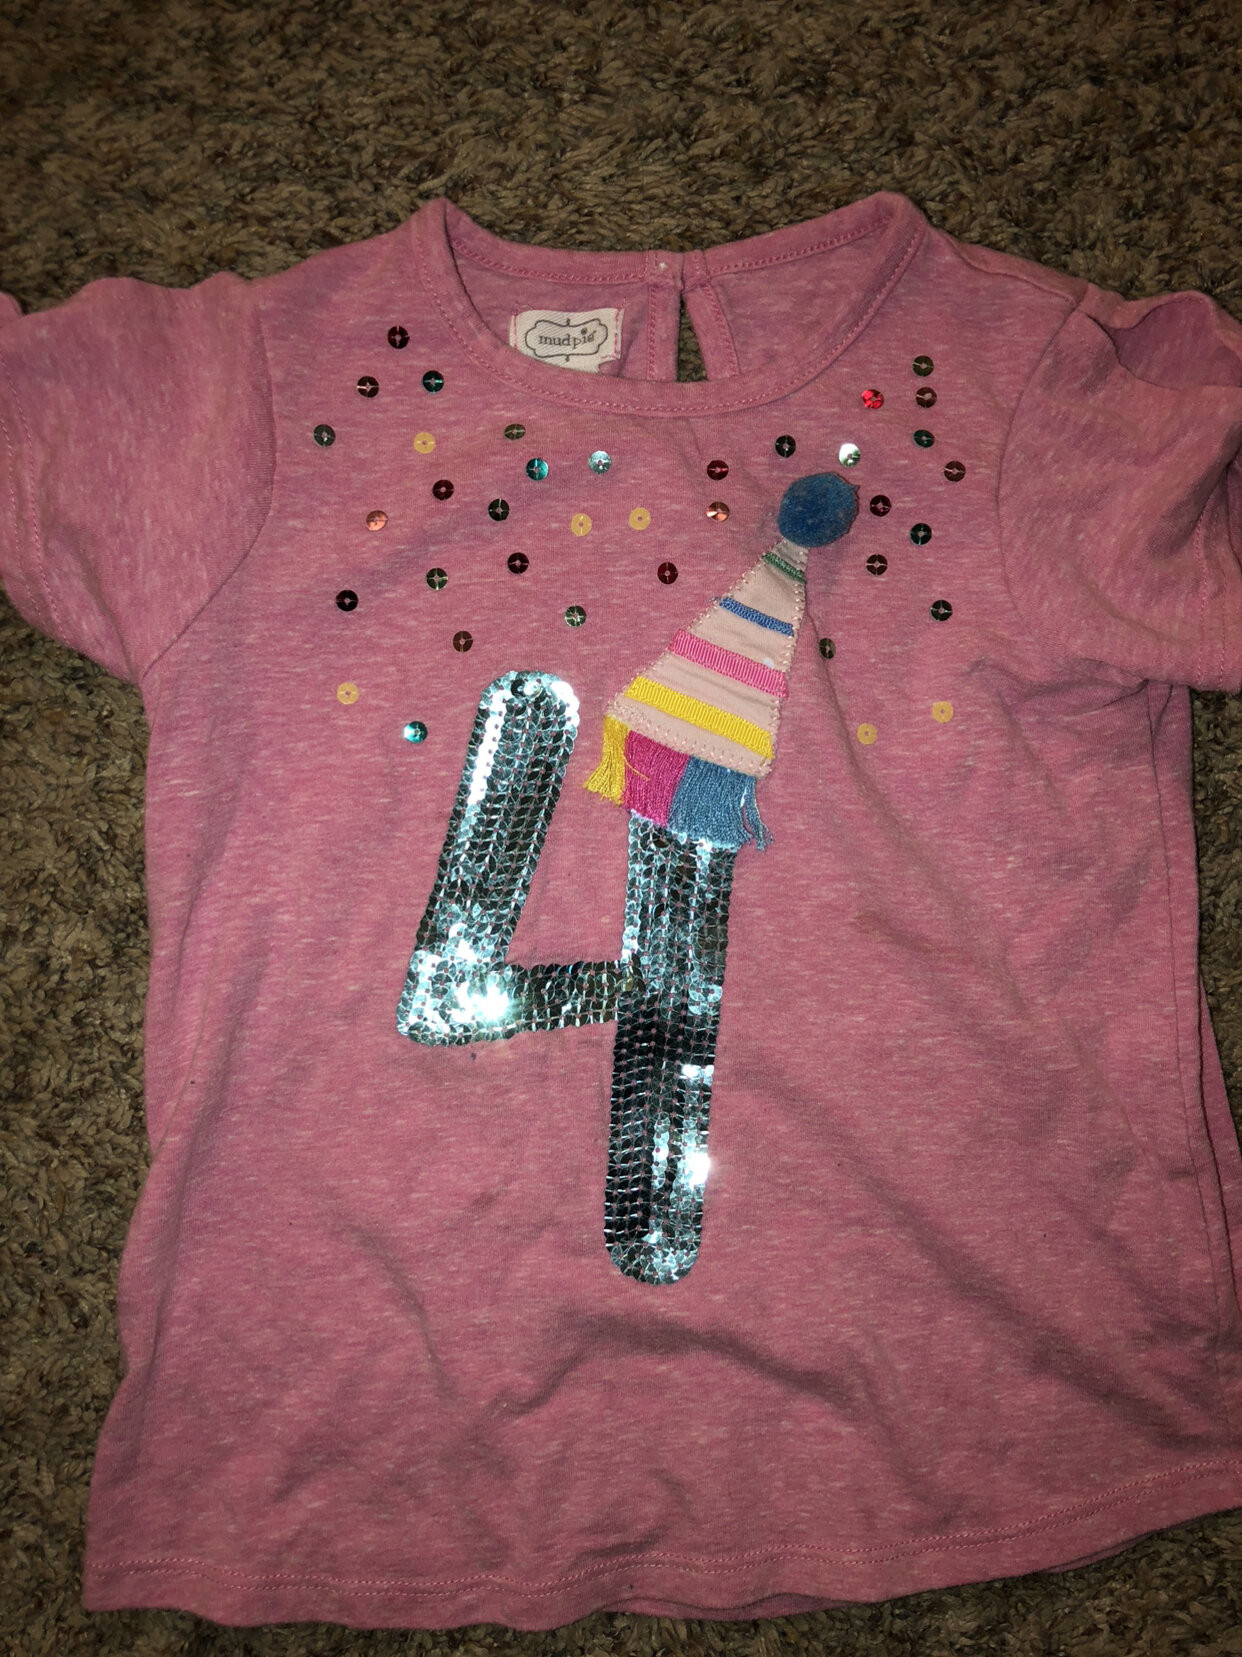 Mud Pie 4t 4 Birthday Shirt